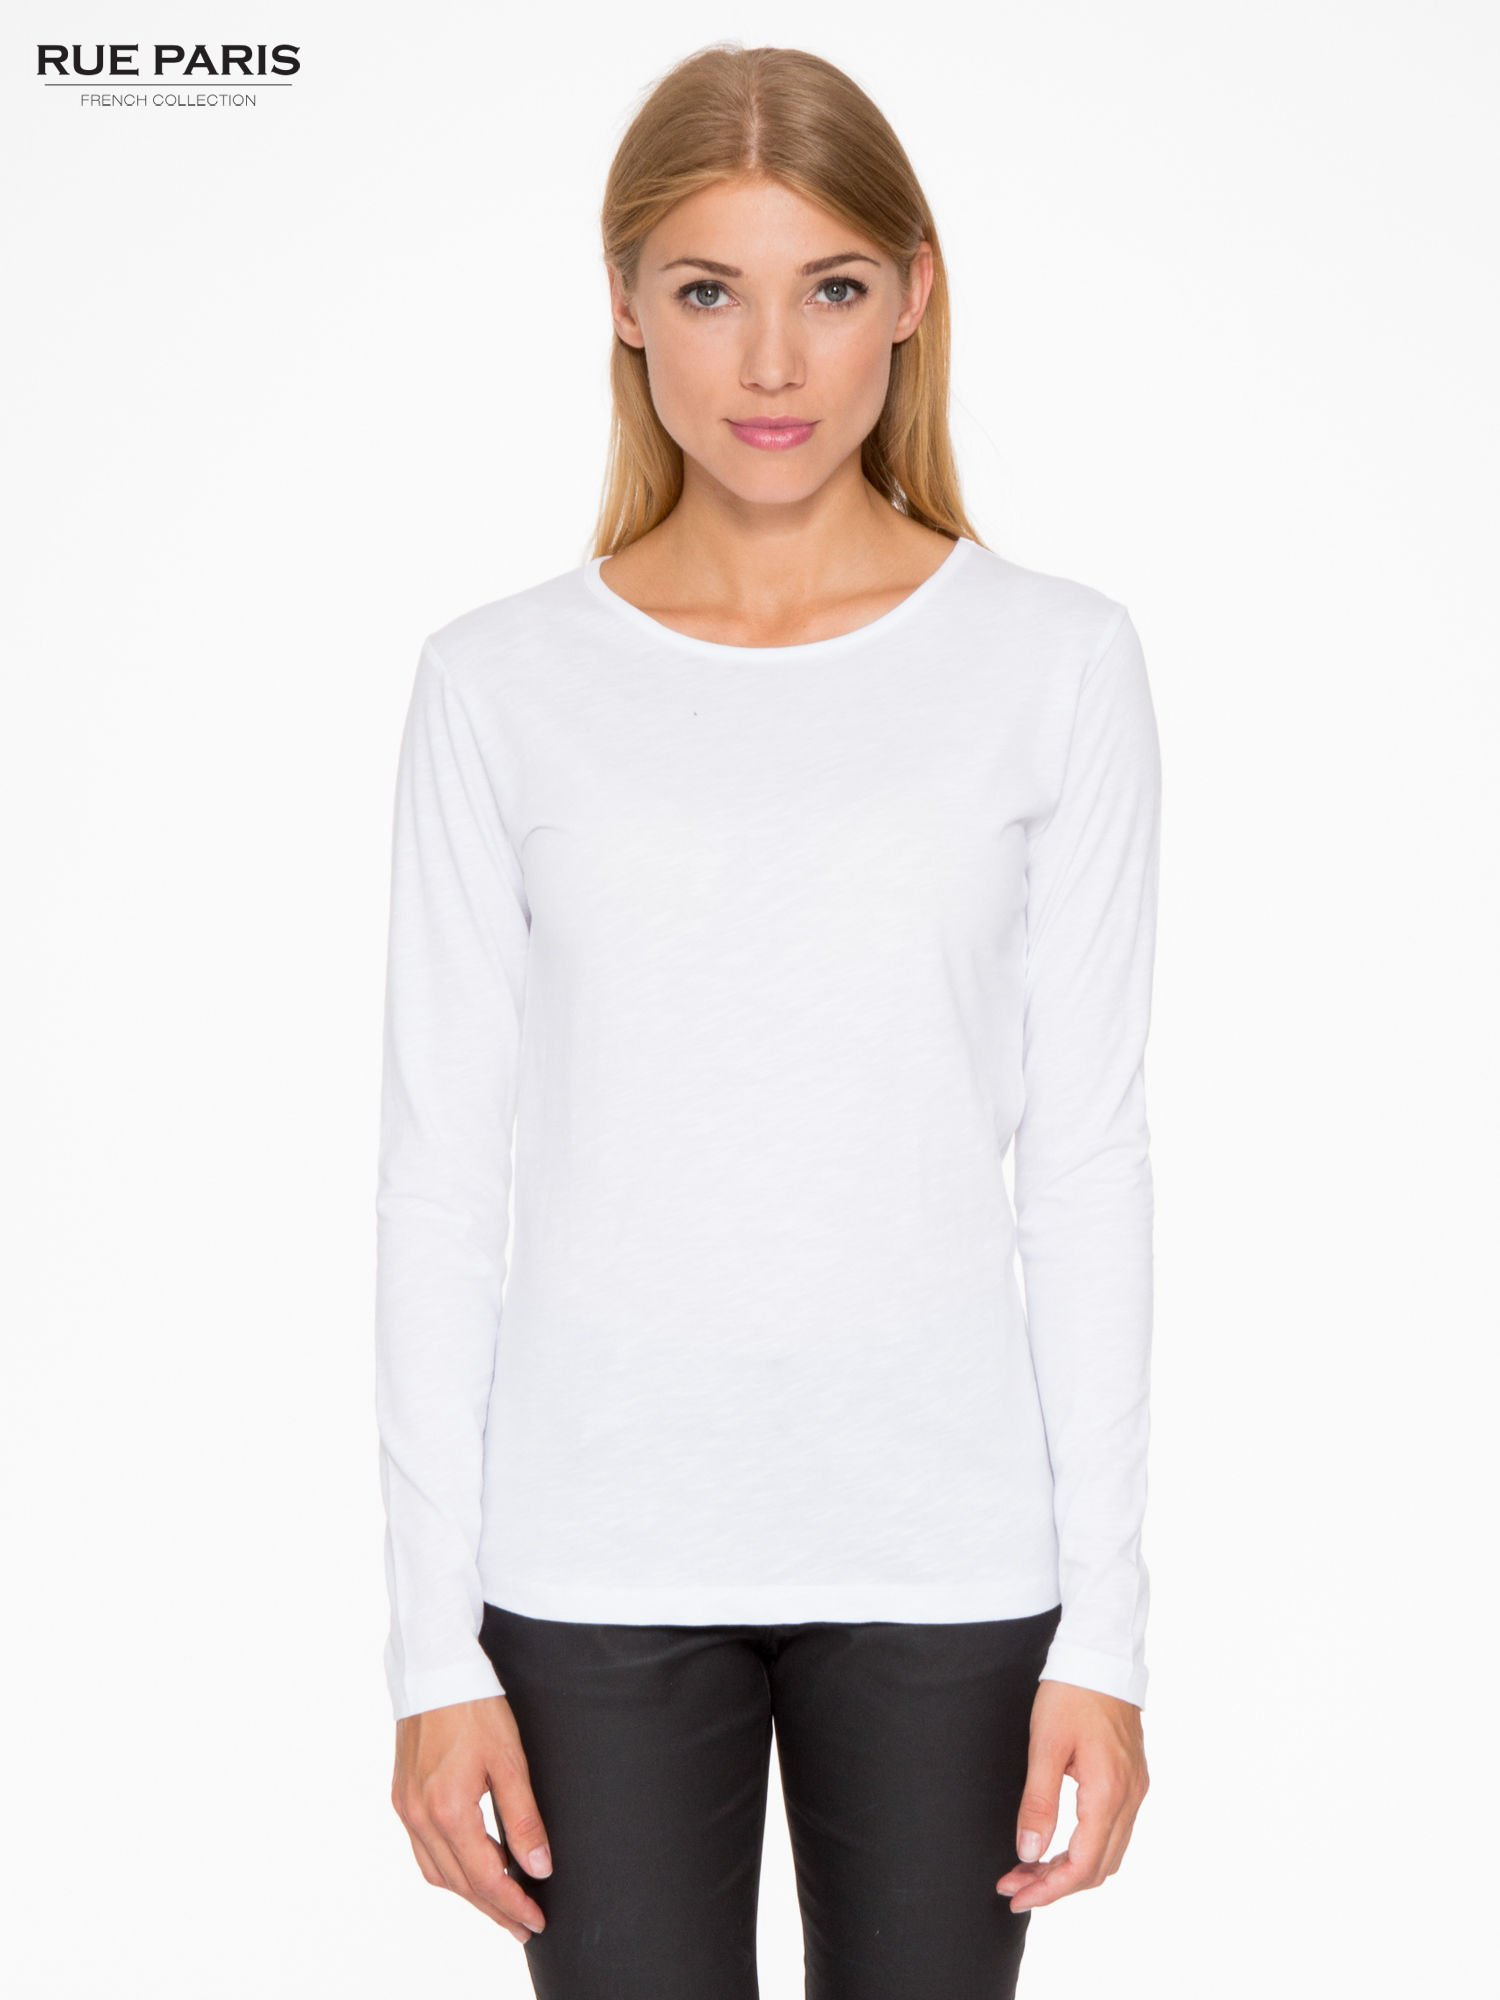 aa1df3571f6bad Biała basicowa bluzka z długim rękawem - Bluzka longsleeves - sklep ...